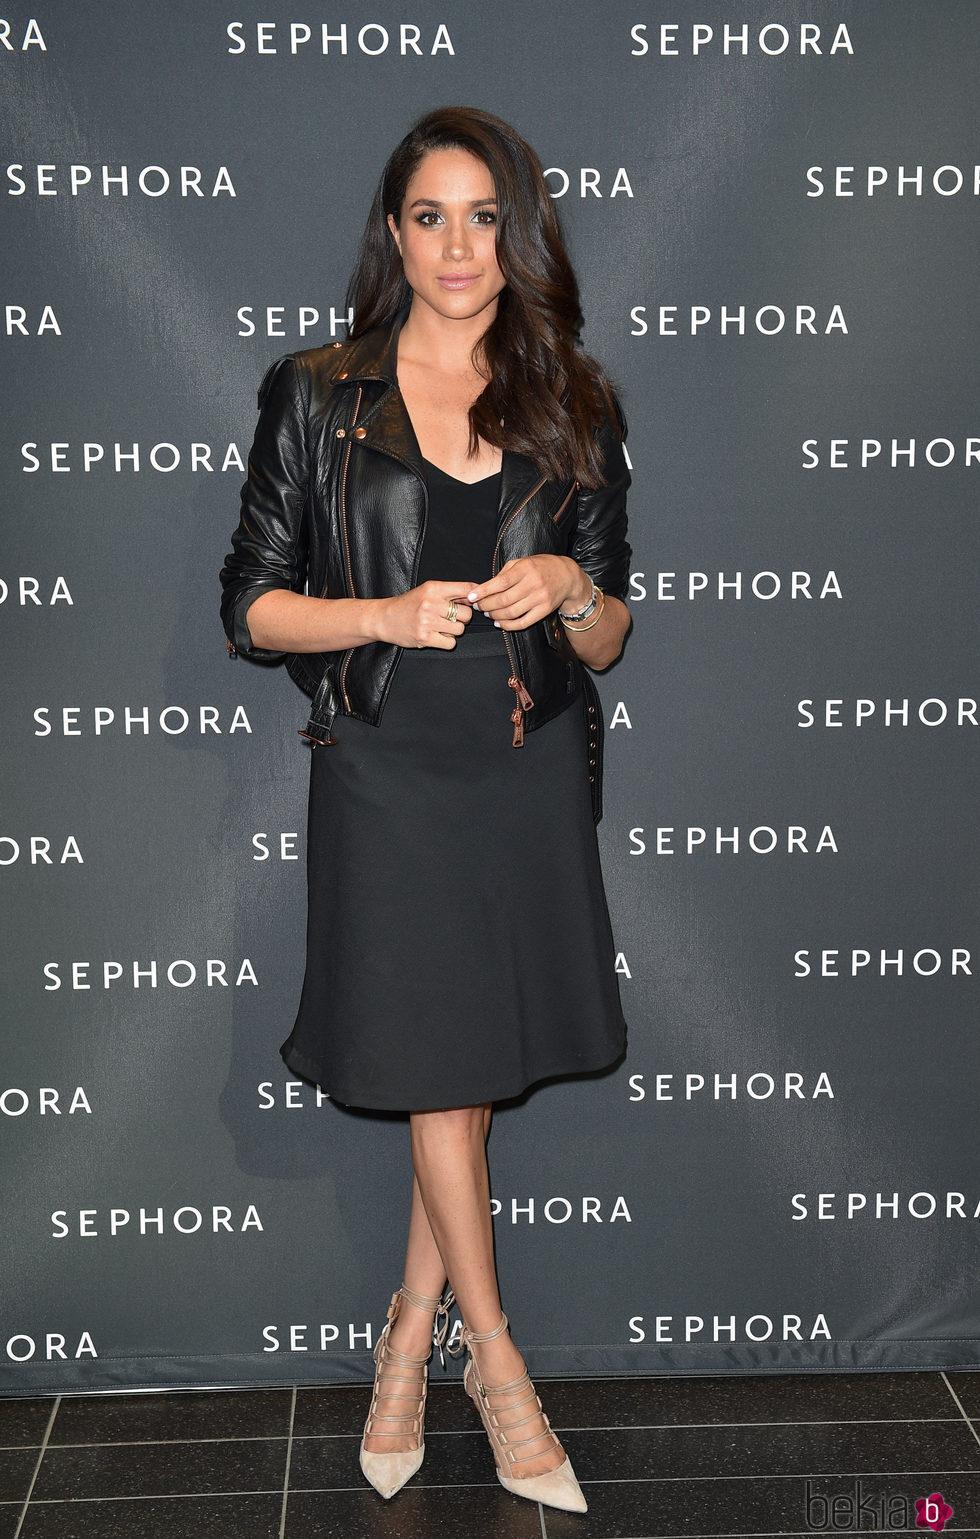 Meghan Markle con un total look black en la inaguración de una tienda Sephora en Toronto